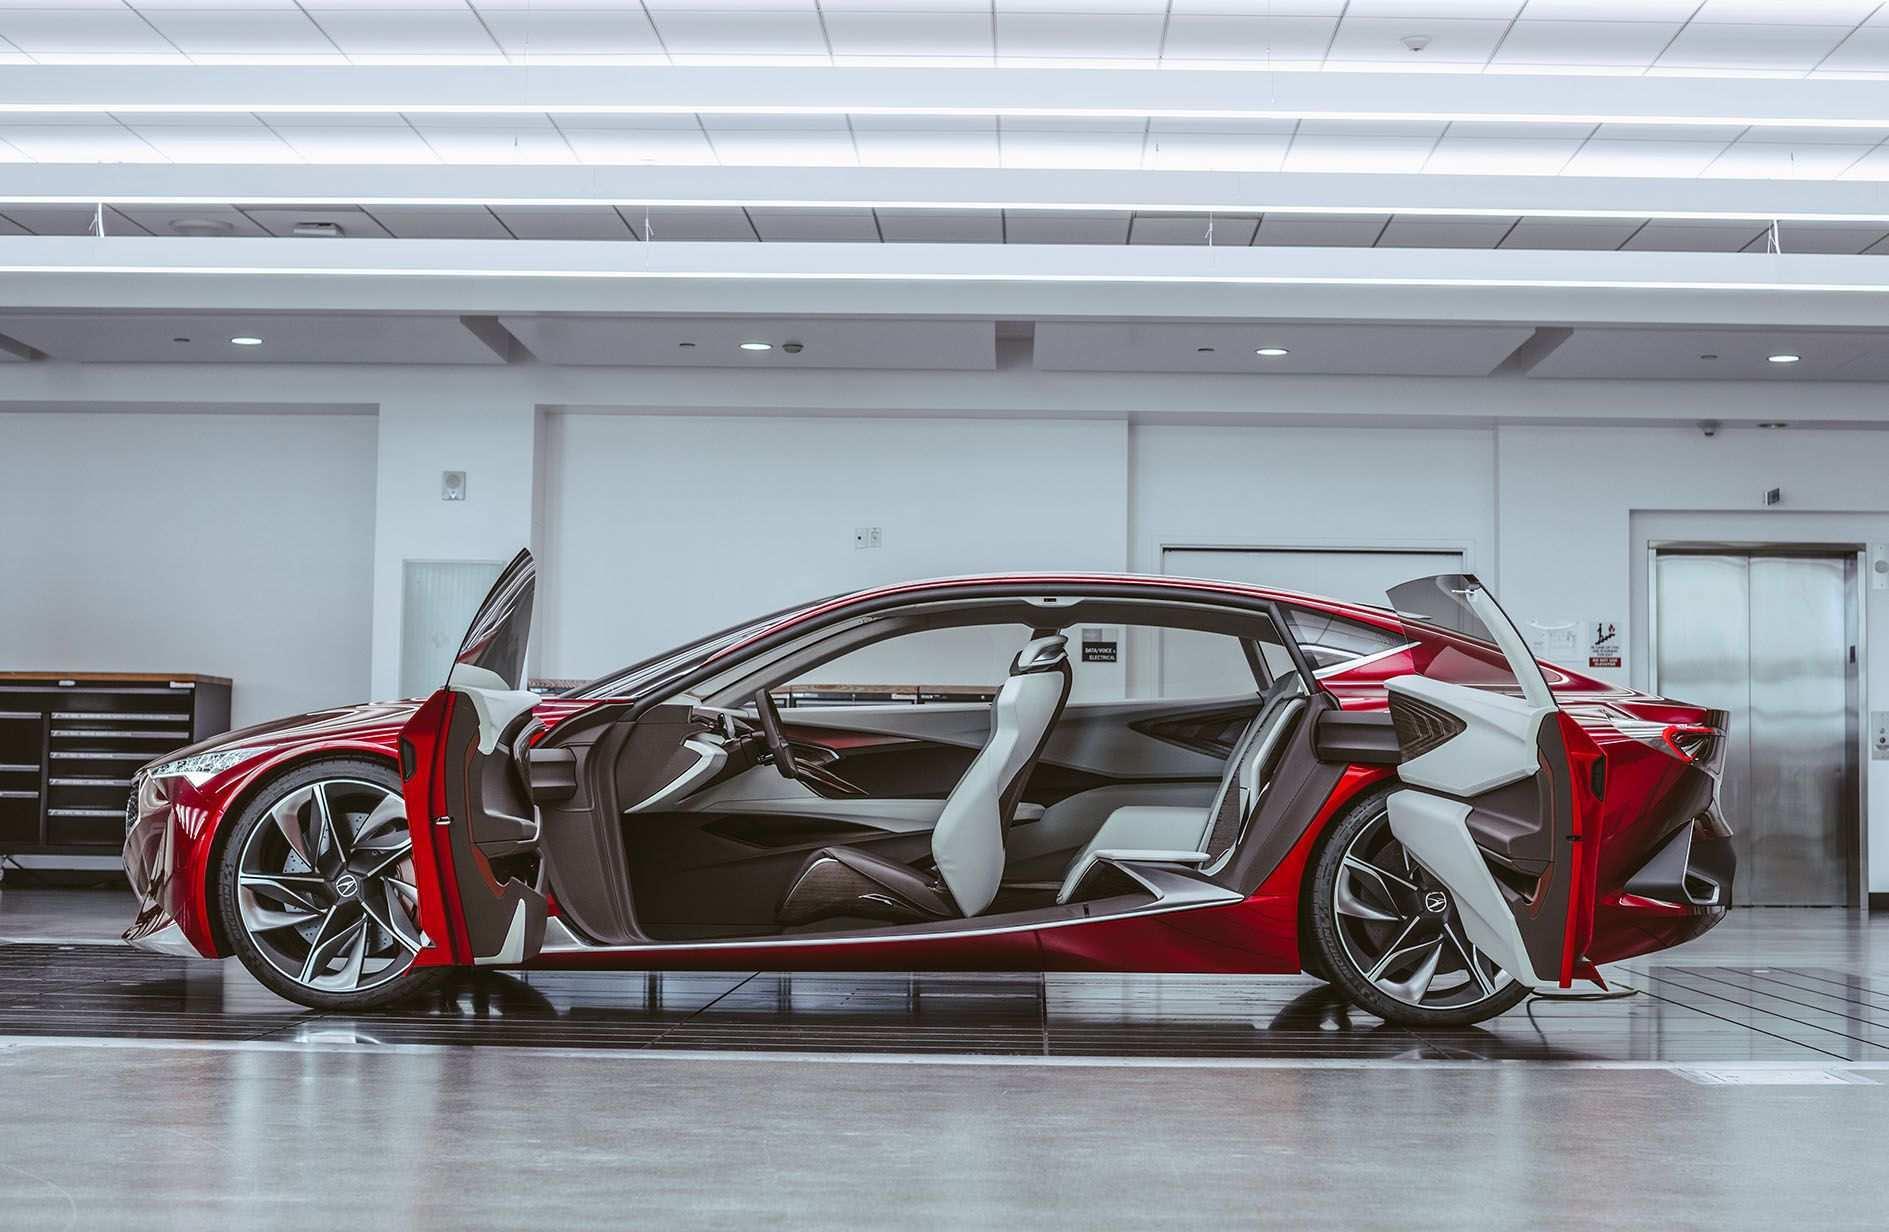 98 New Acura Sedan 2020 Rumors with Acura Sedan 2020